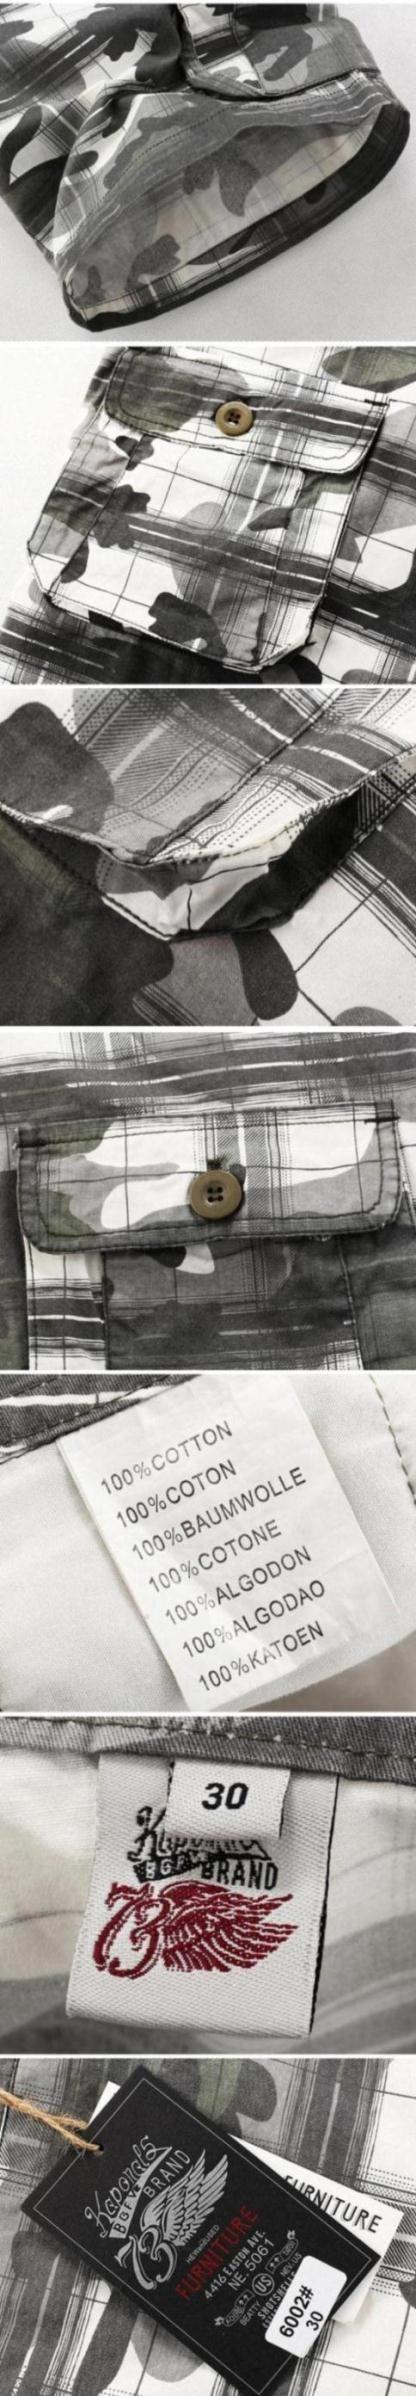 Aliexpress.com: Compre Masculino ginásio correndo esporte Casual algodão camuflagem na altura do joelho Shorts Men marca nova verão 2015 moda Plus Size roupas masculinas de confiança jeans homens vestuário fornecedores em AOXUAN CLOTHING CO.,Ltd